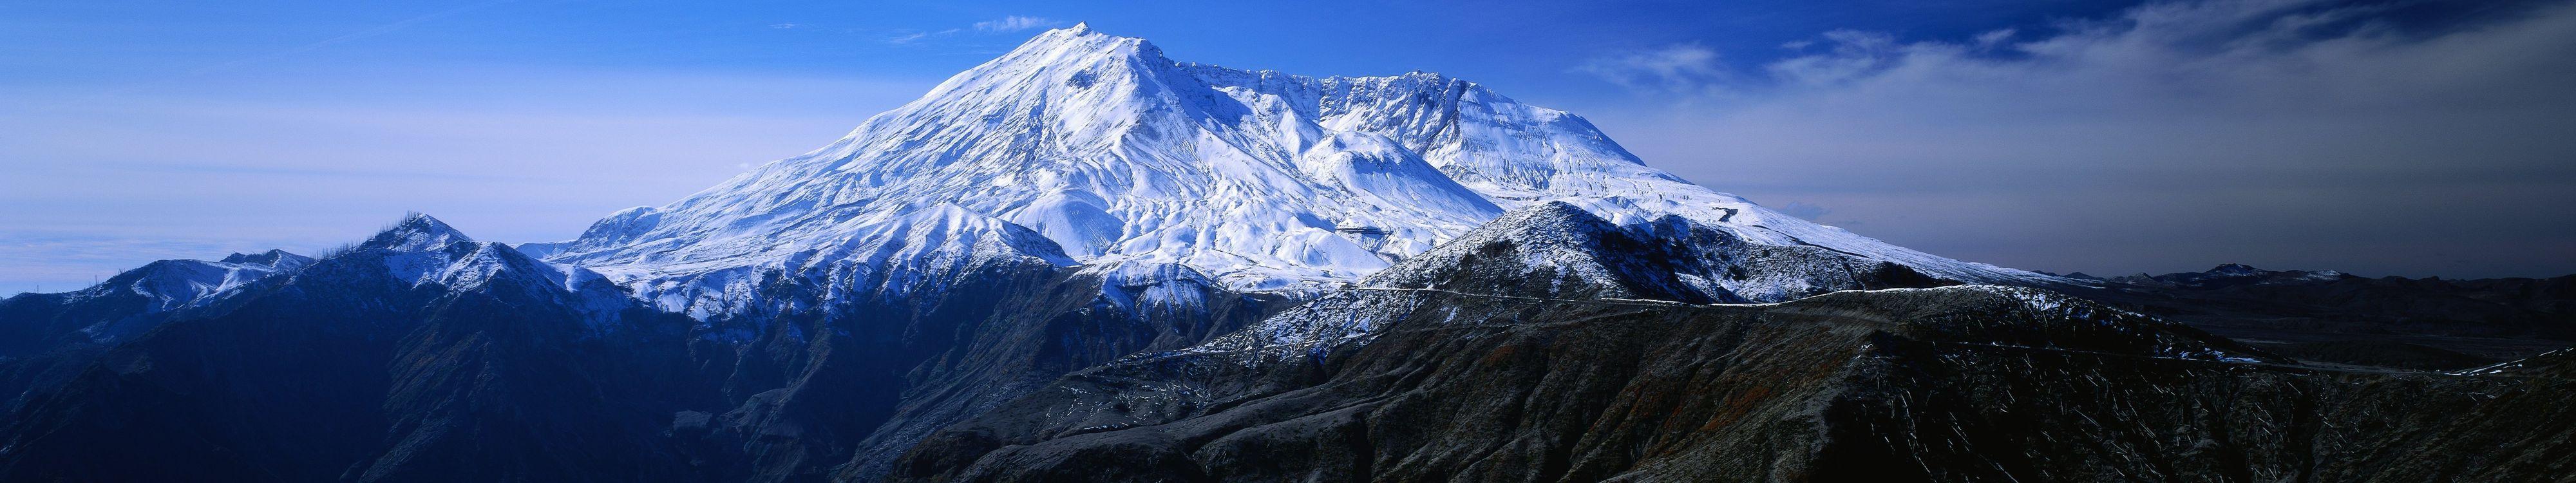 Фото бесплатно горы, простор, снег - на рабочий стол